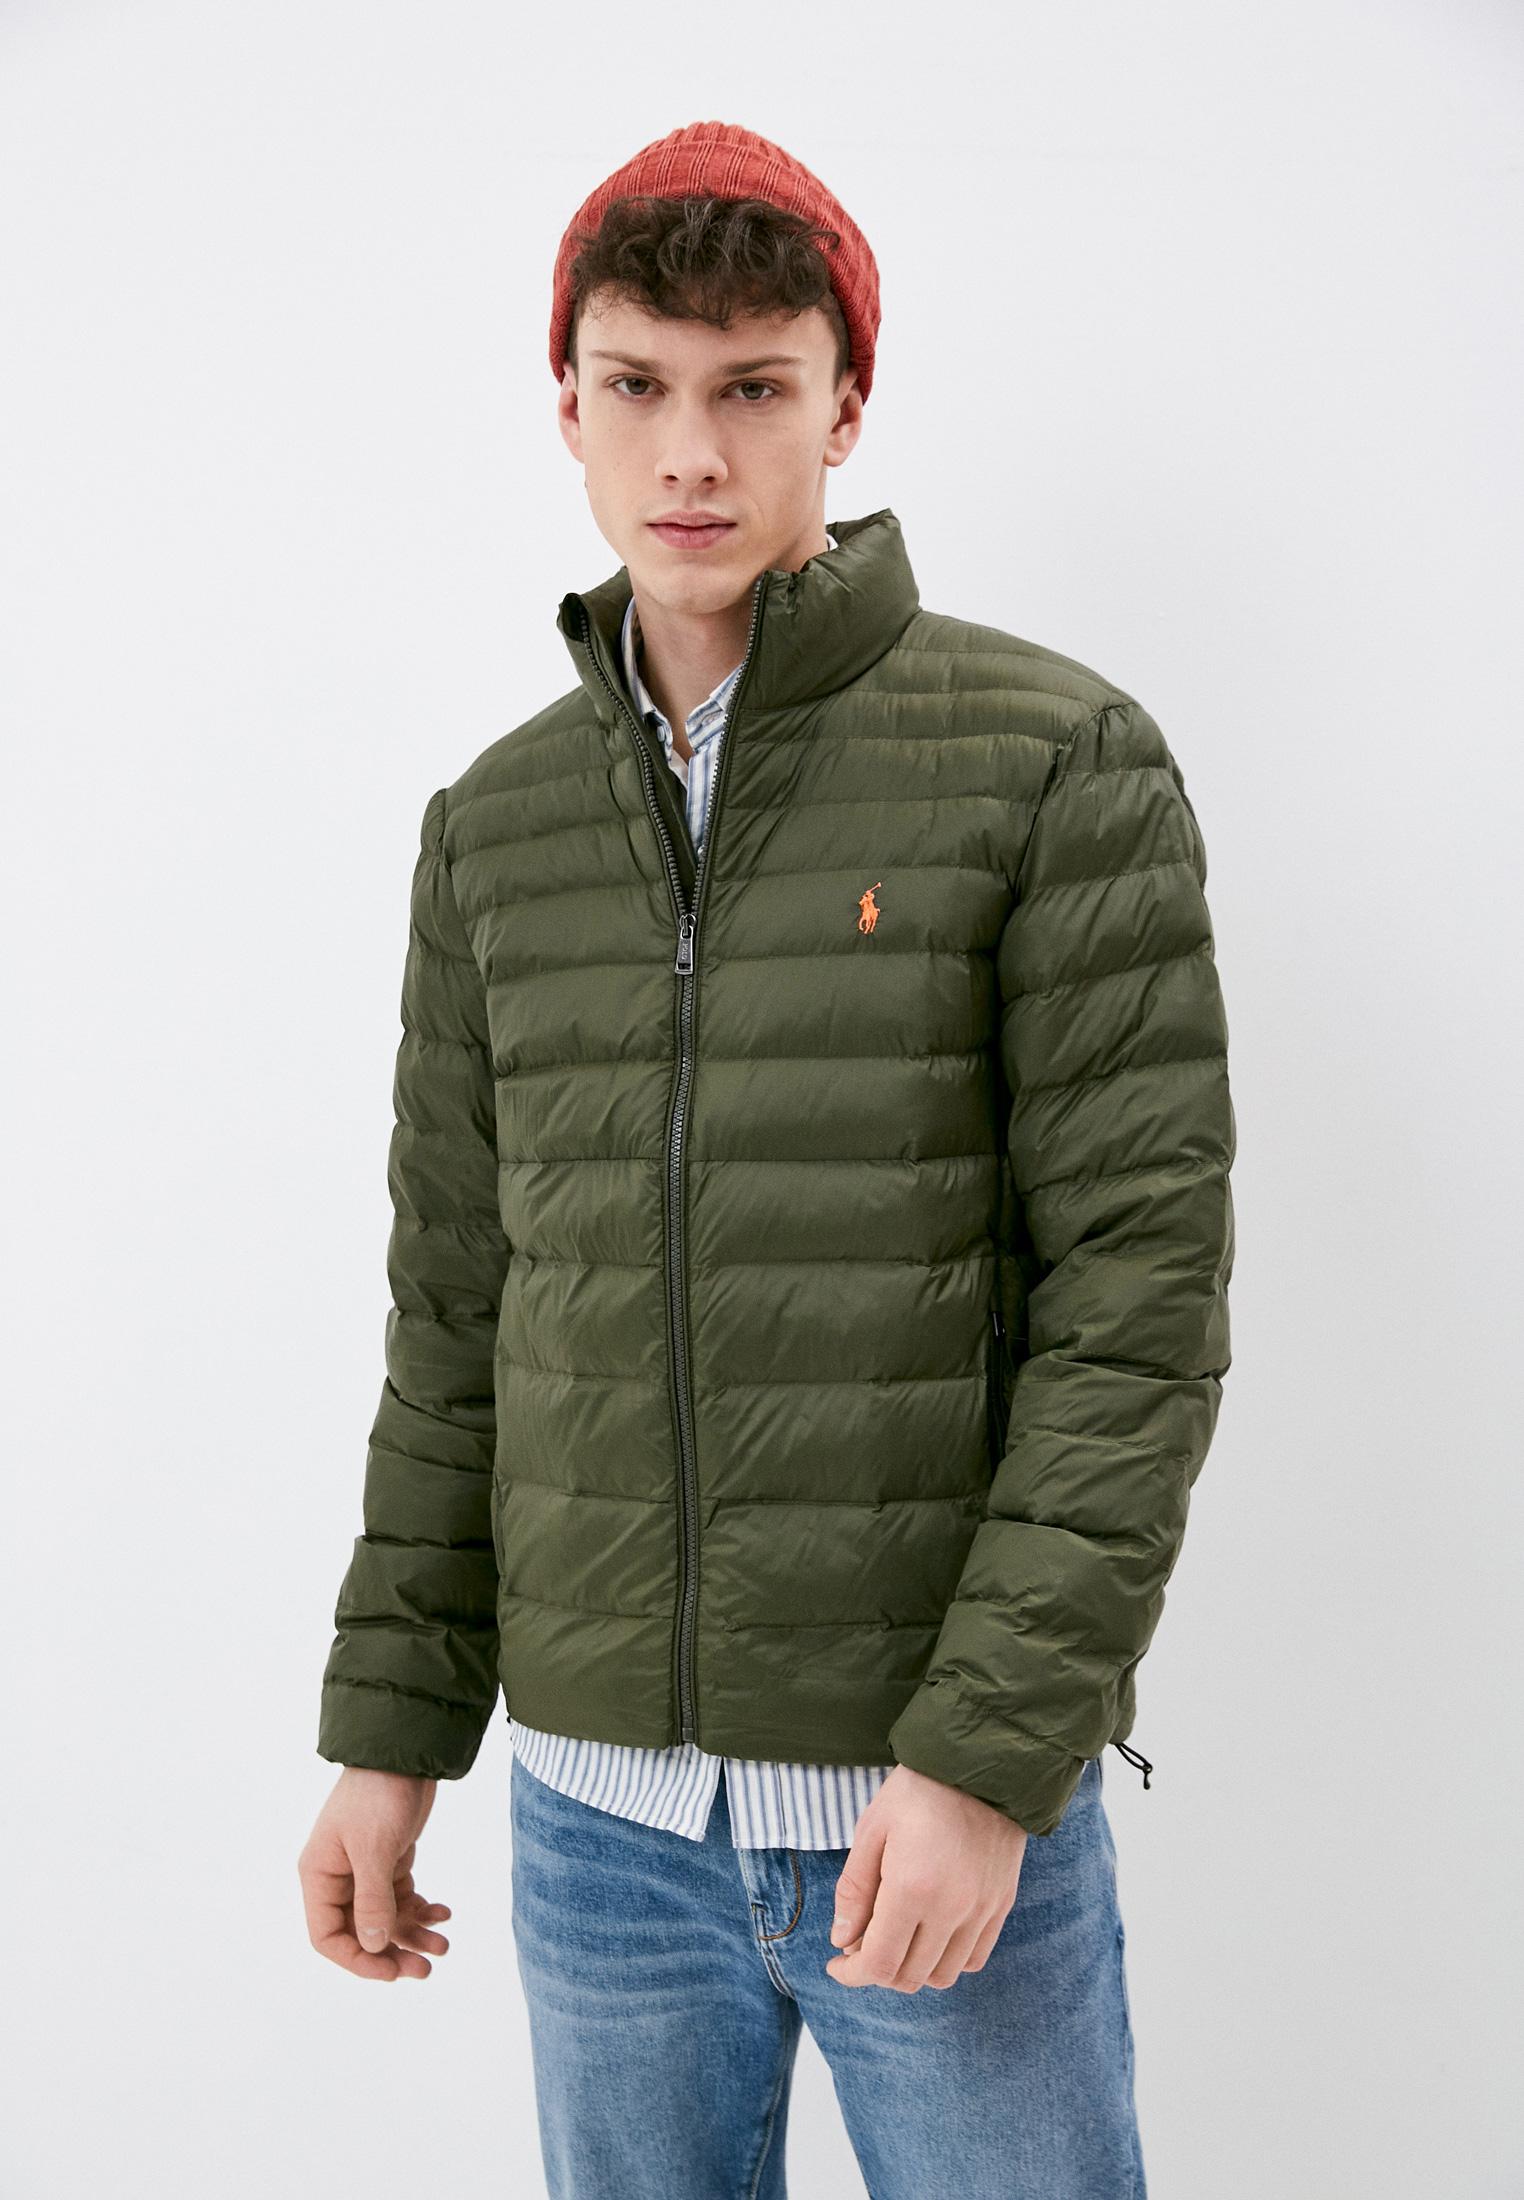 Куртка Polo Ralph Lauren (Поло Ральф Лорен) Куртка утепленная Polo Ralph Lauren